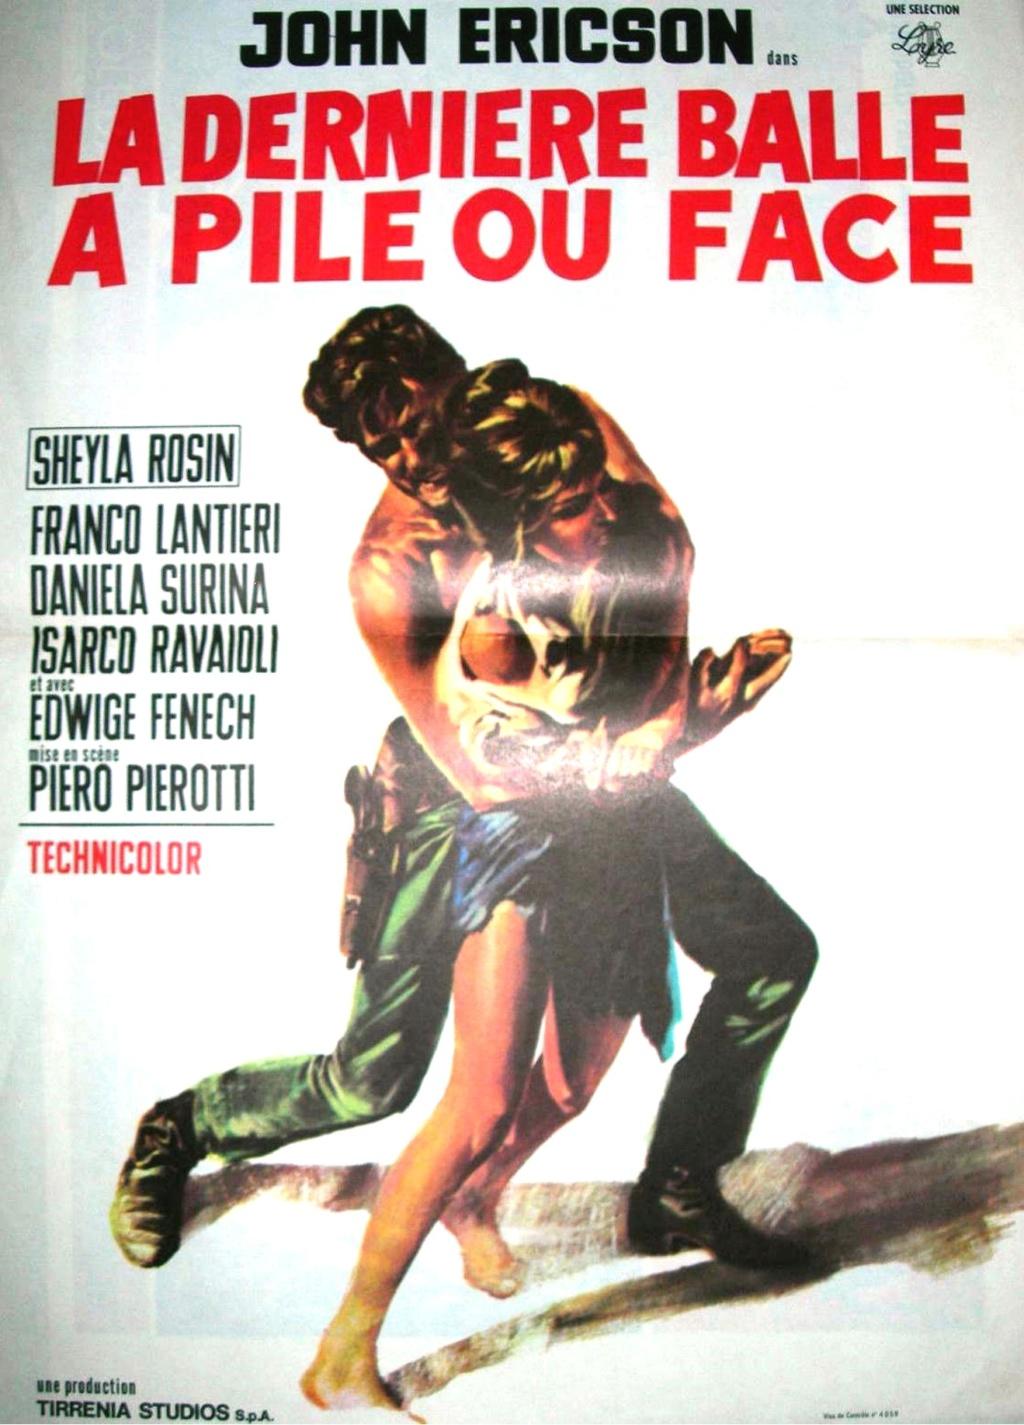 La dernière balle à pile ou face . ( Testa o croce ) 1968 . Piero Pierotti . Affich19